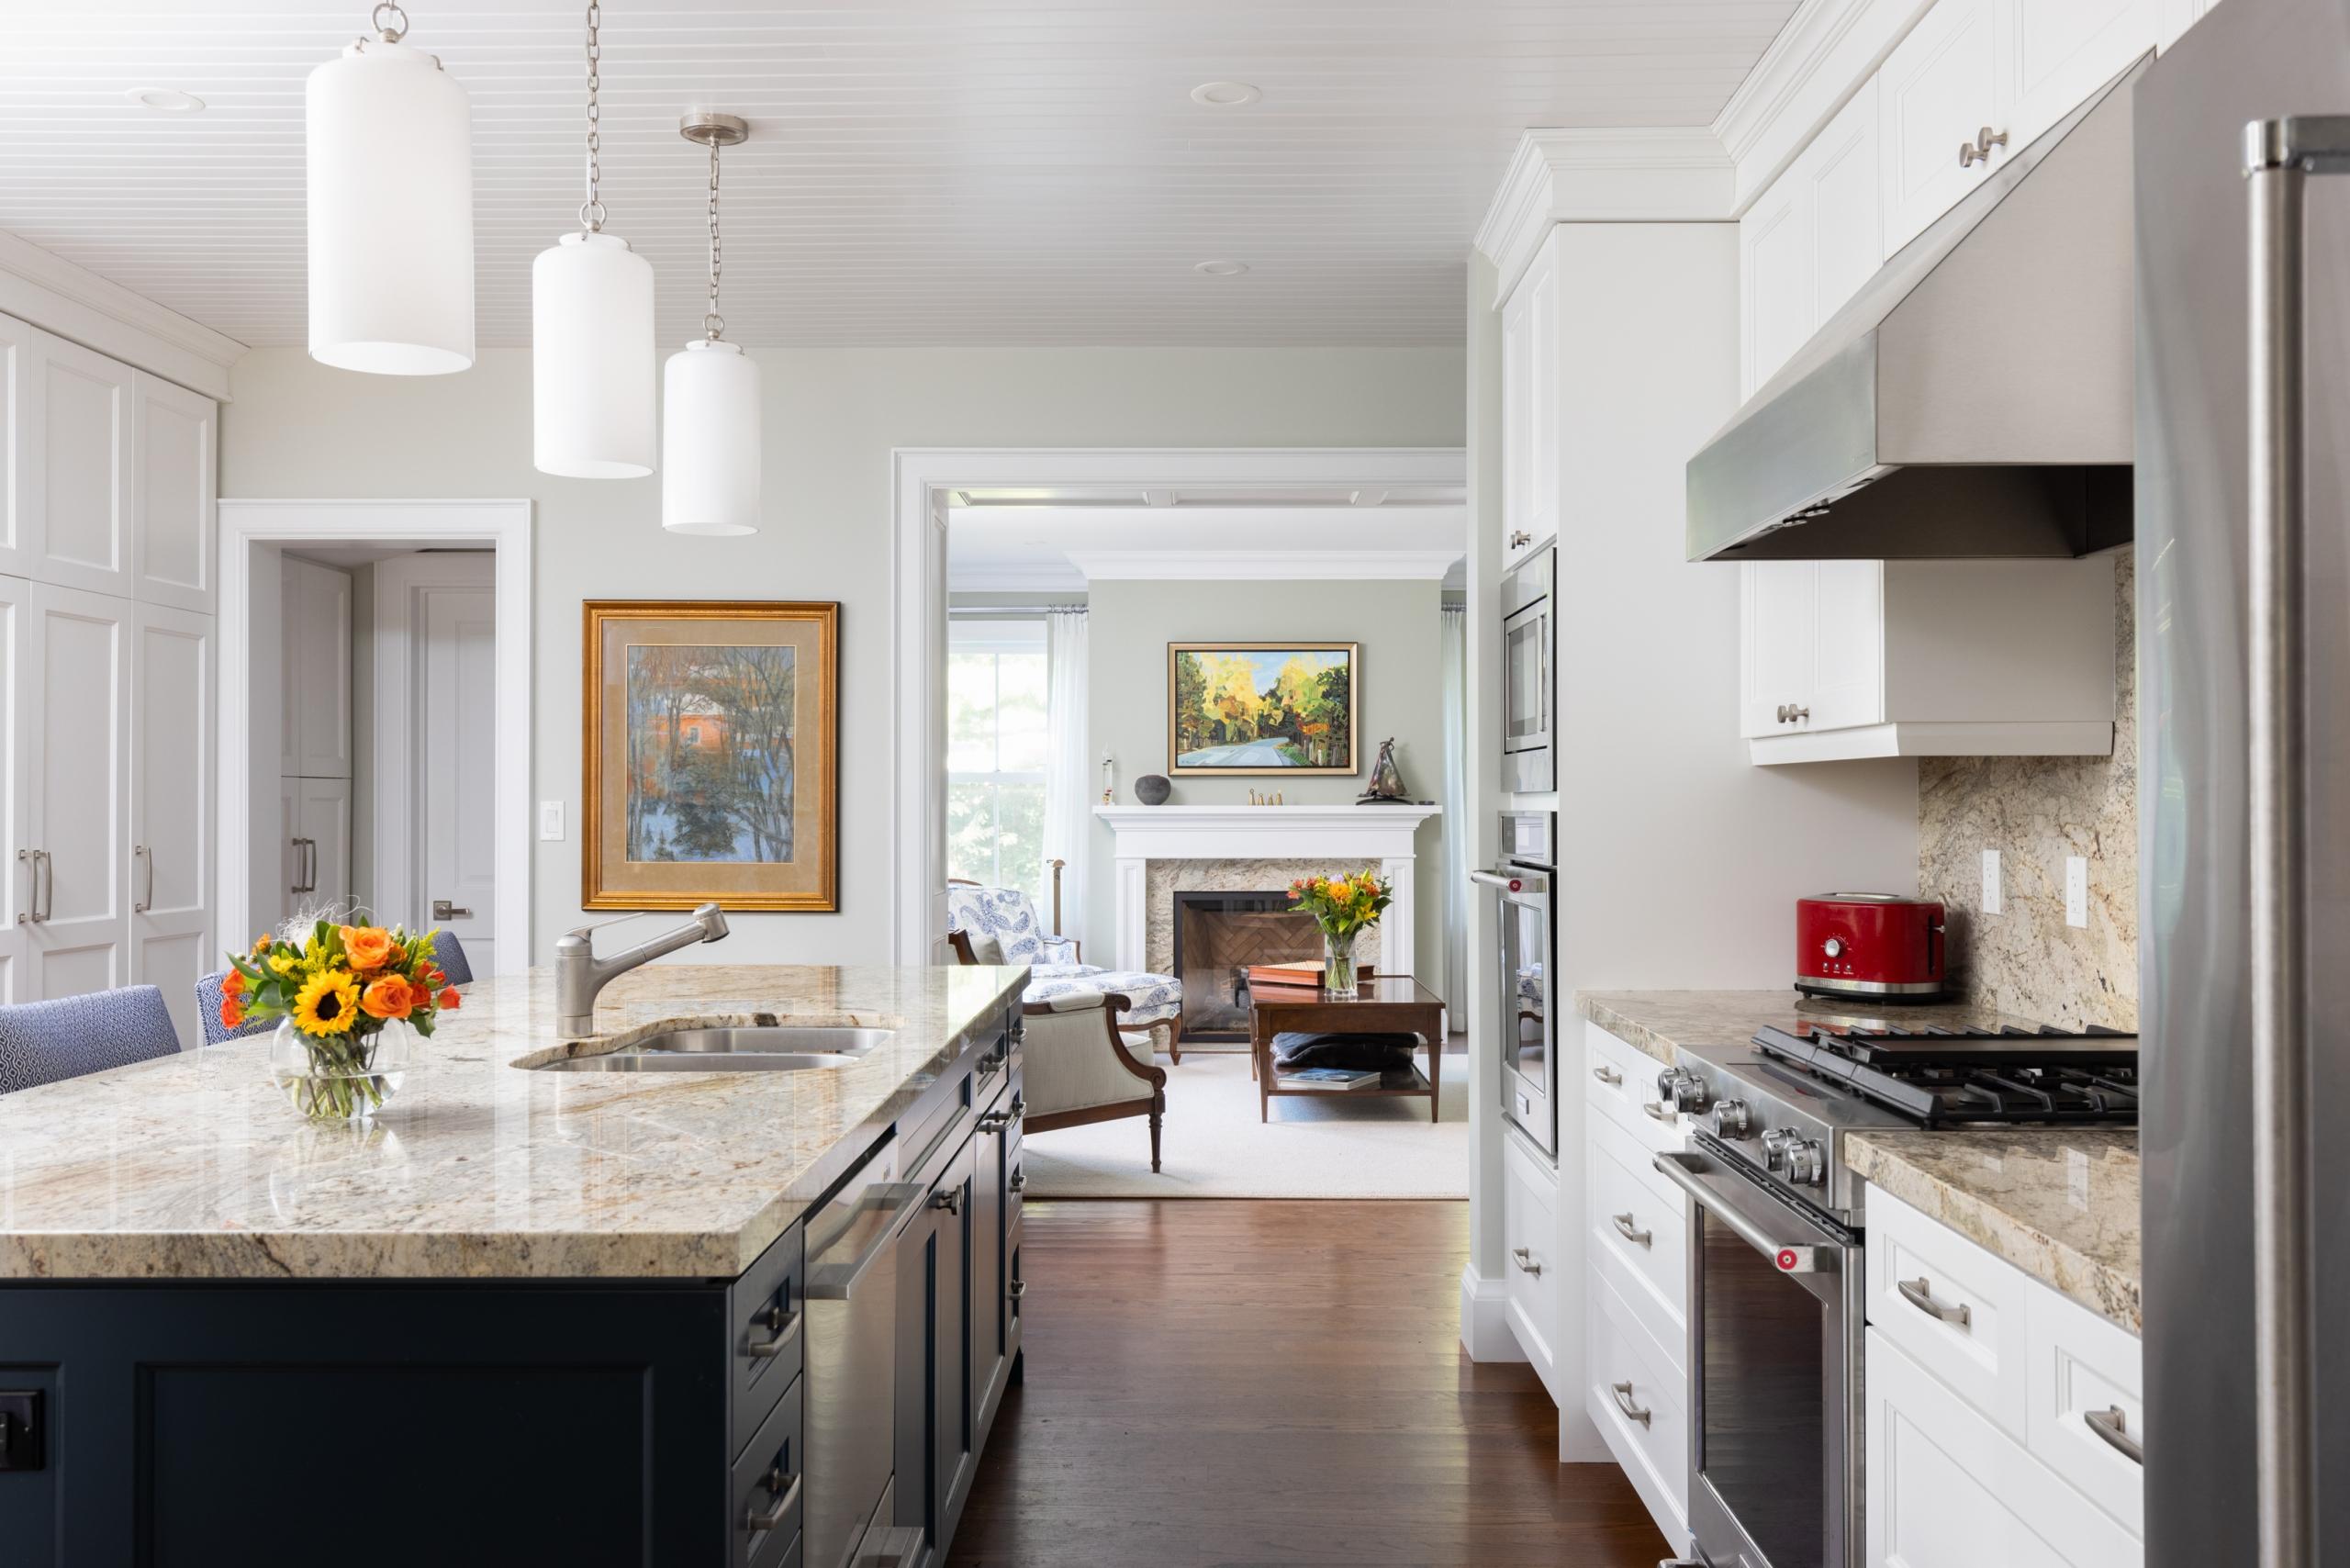 Kitchen featured at 295 William Street, Oakville. Alex Irish & Associates